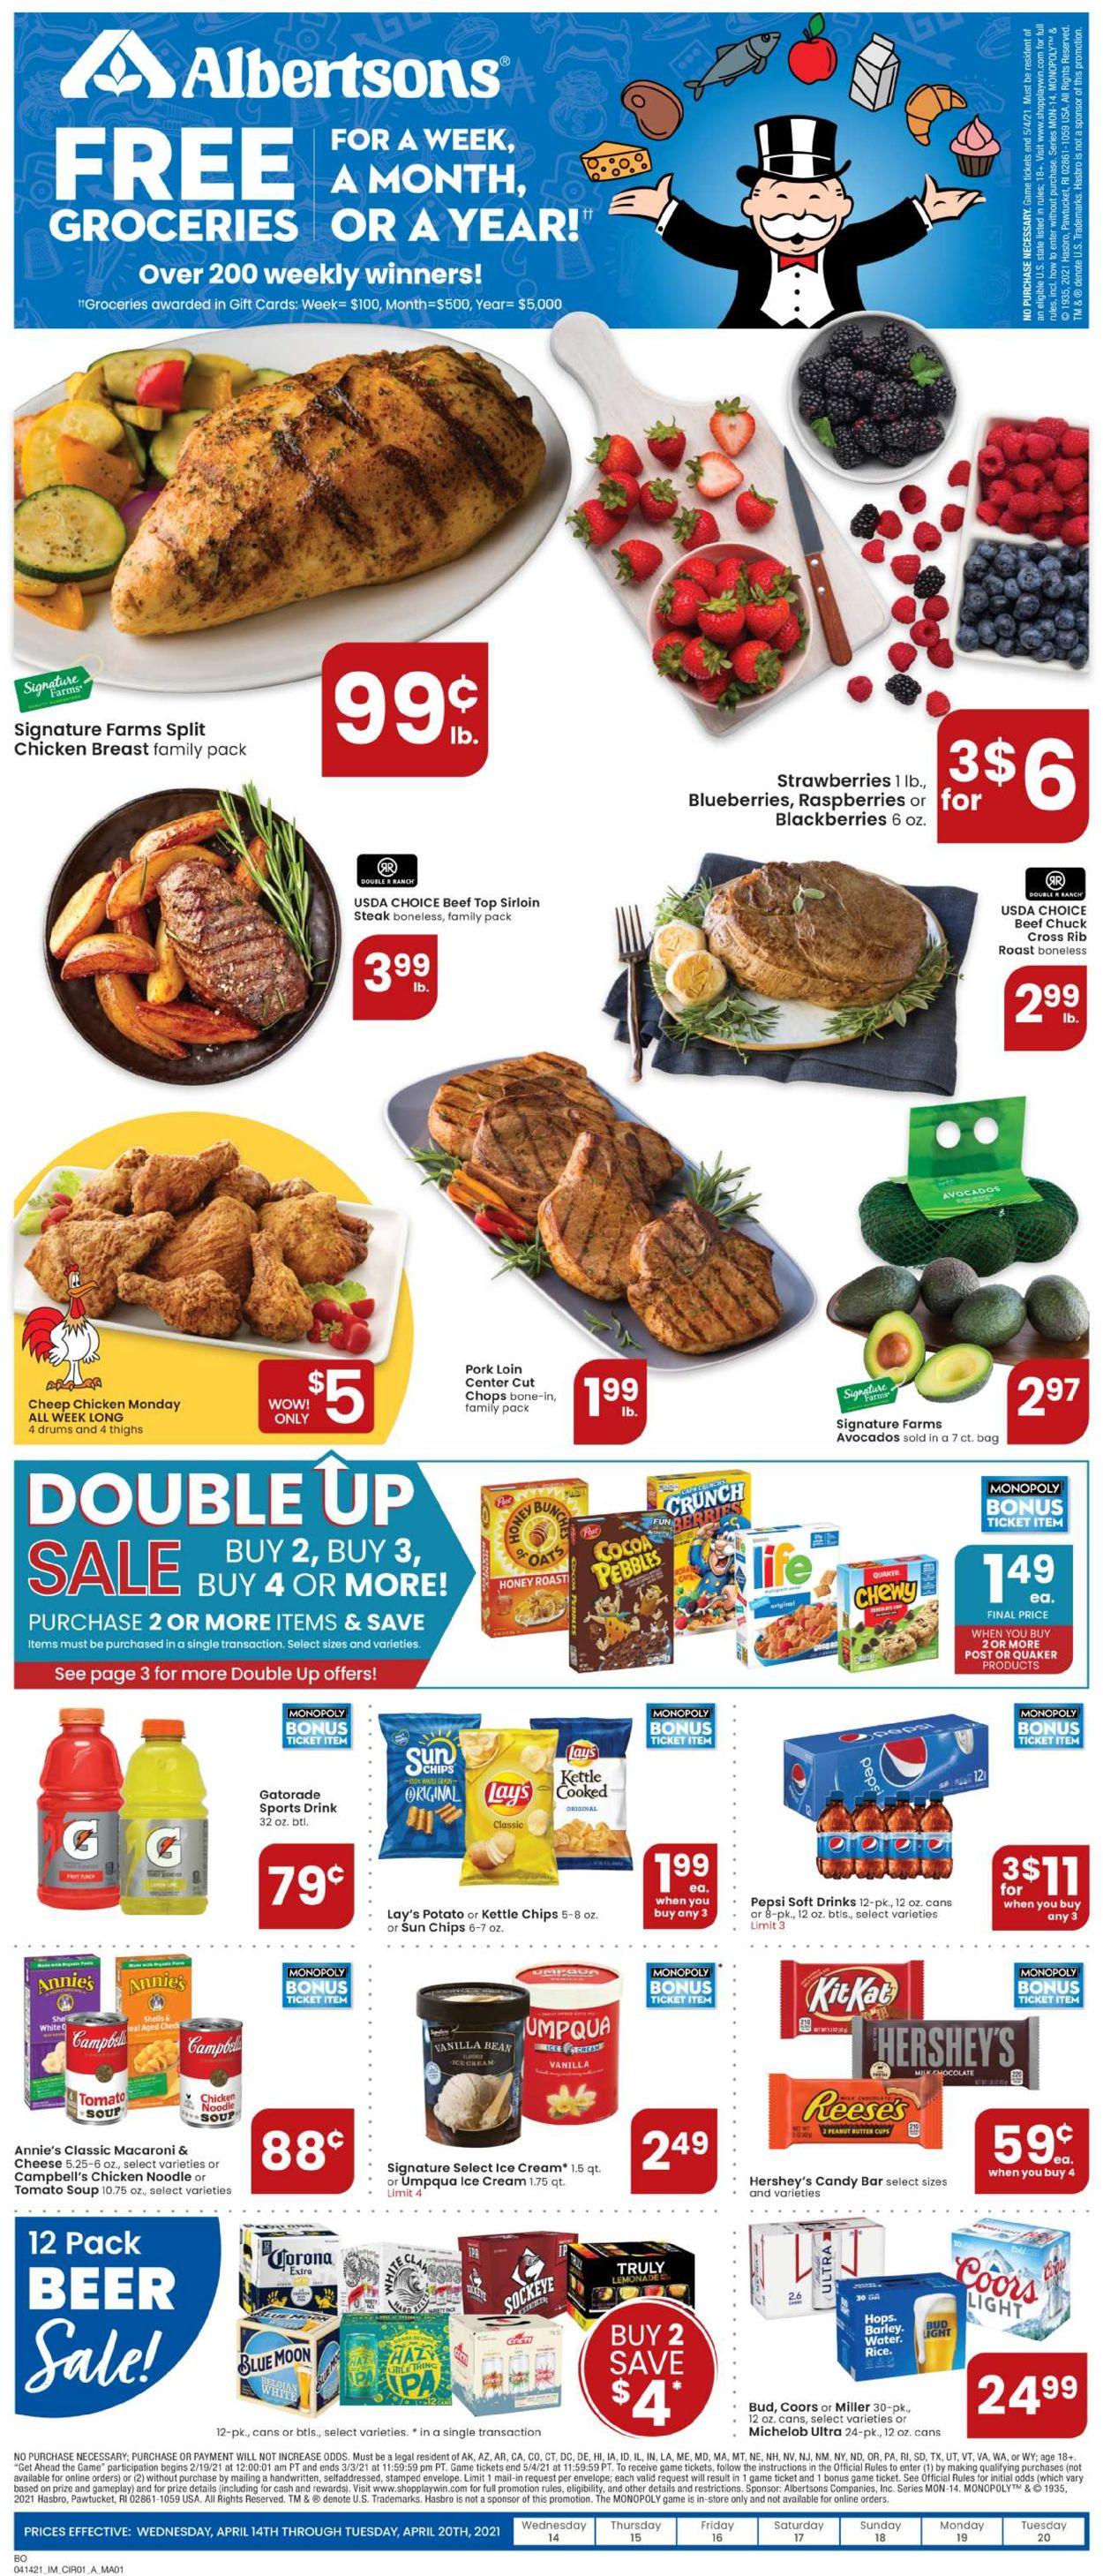 Albertsons Weekly Ad Circular - valid 04/14-04/20/2021